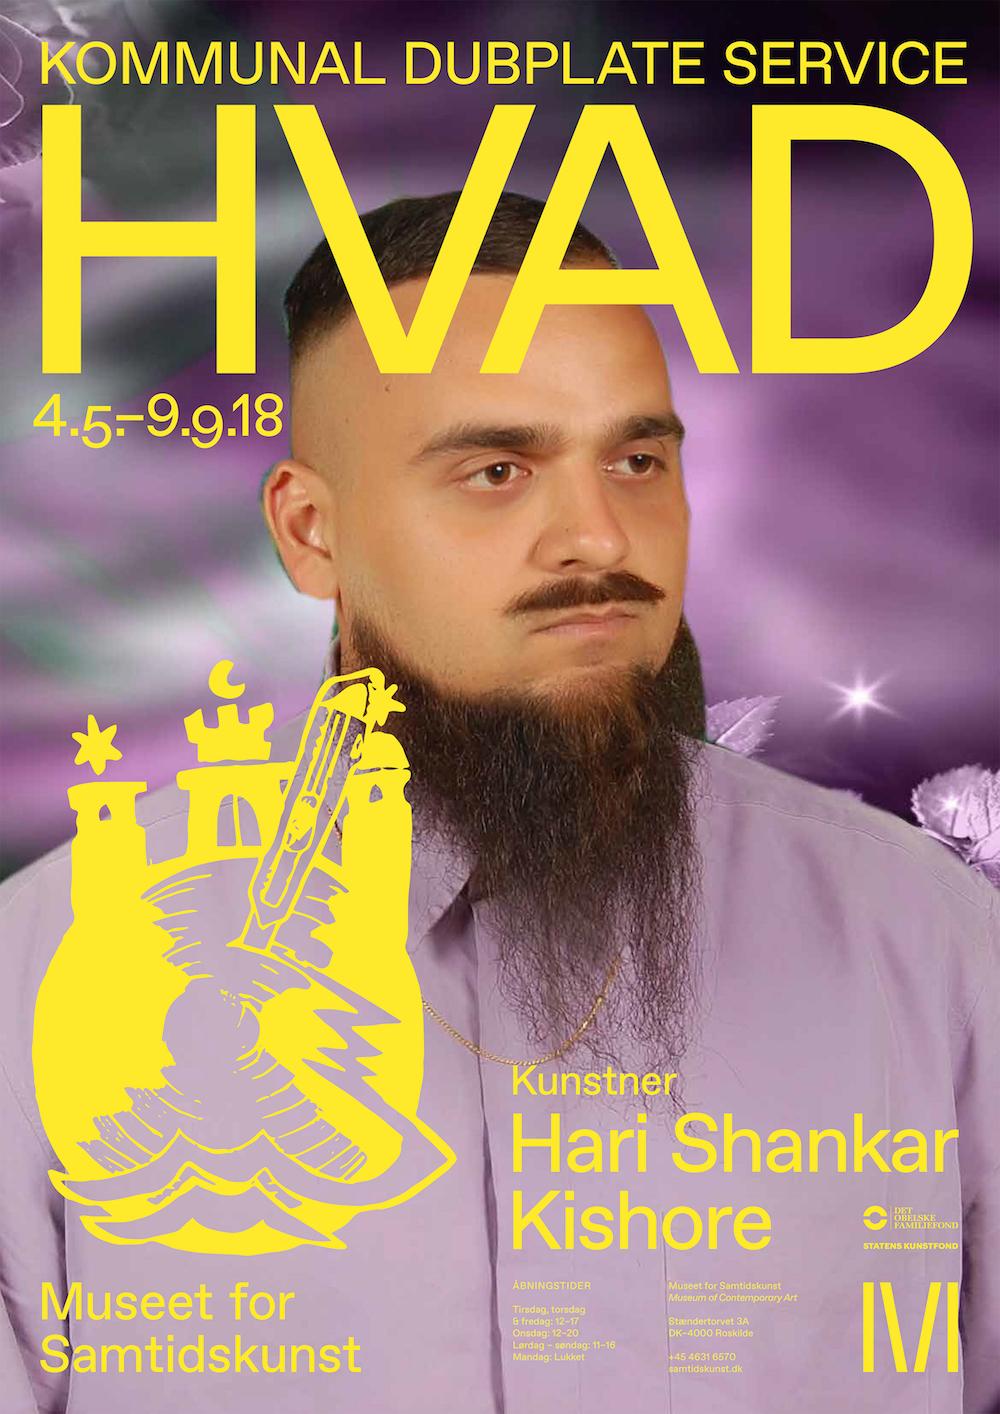 """Hari Shankar Kishore """"HVAD / Kommunal Dubplate Service."""" Udstillingsplakat designet af Studio Atlant."""